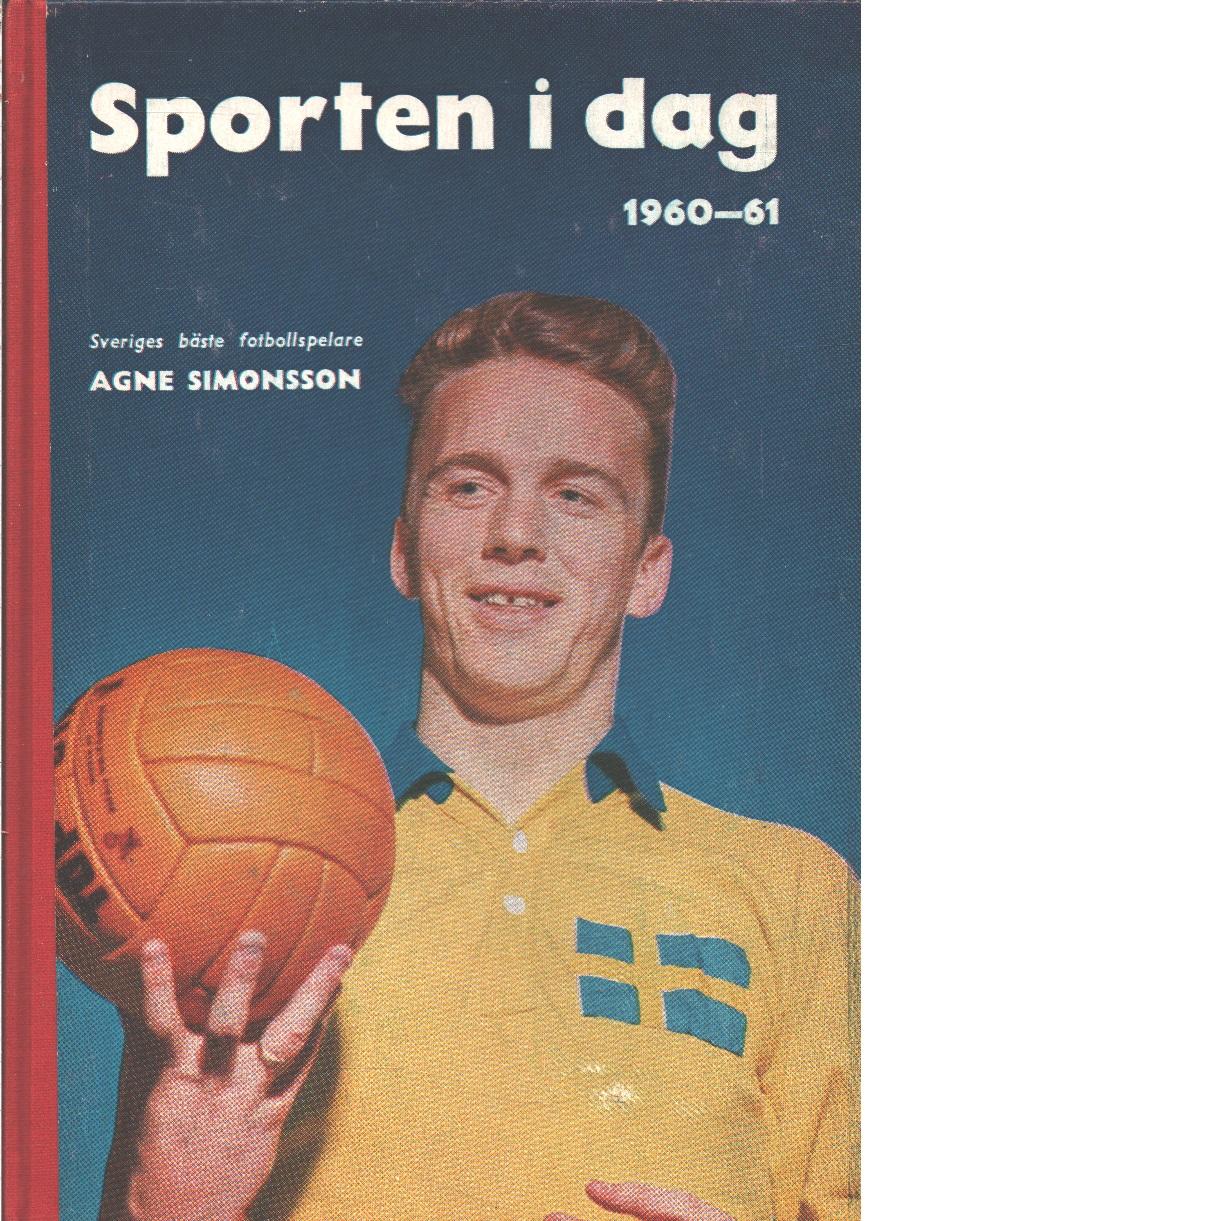 Sporten idag  1960-61 - Red,